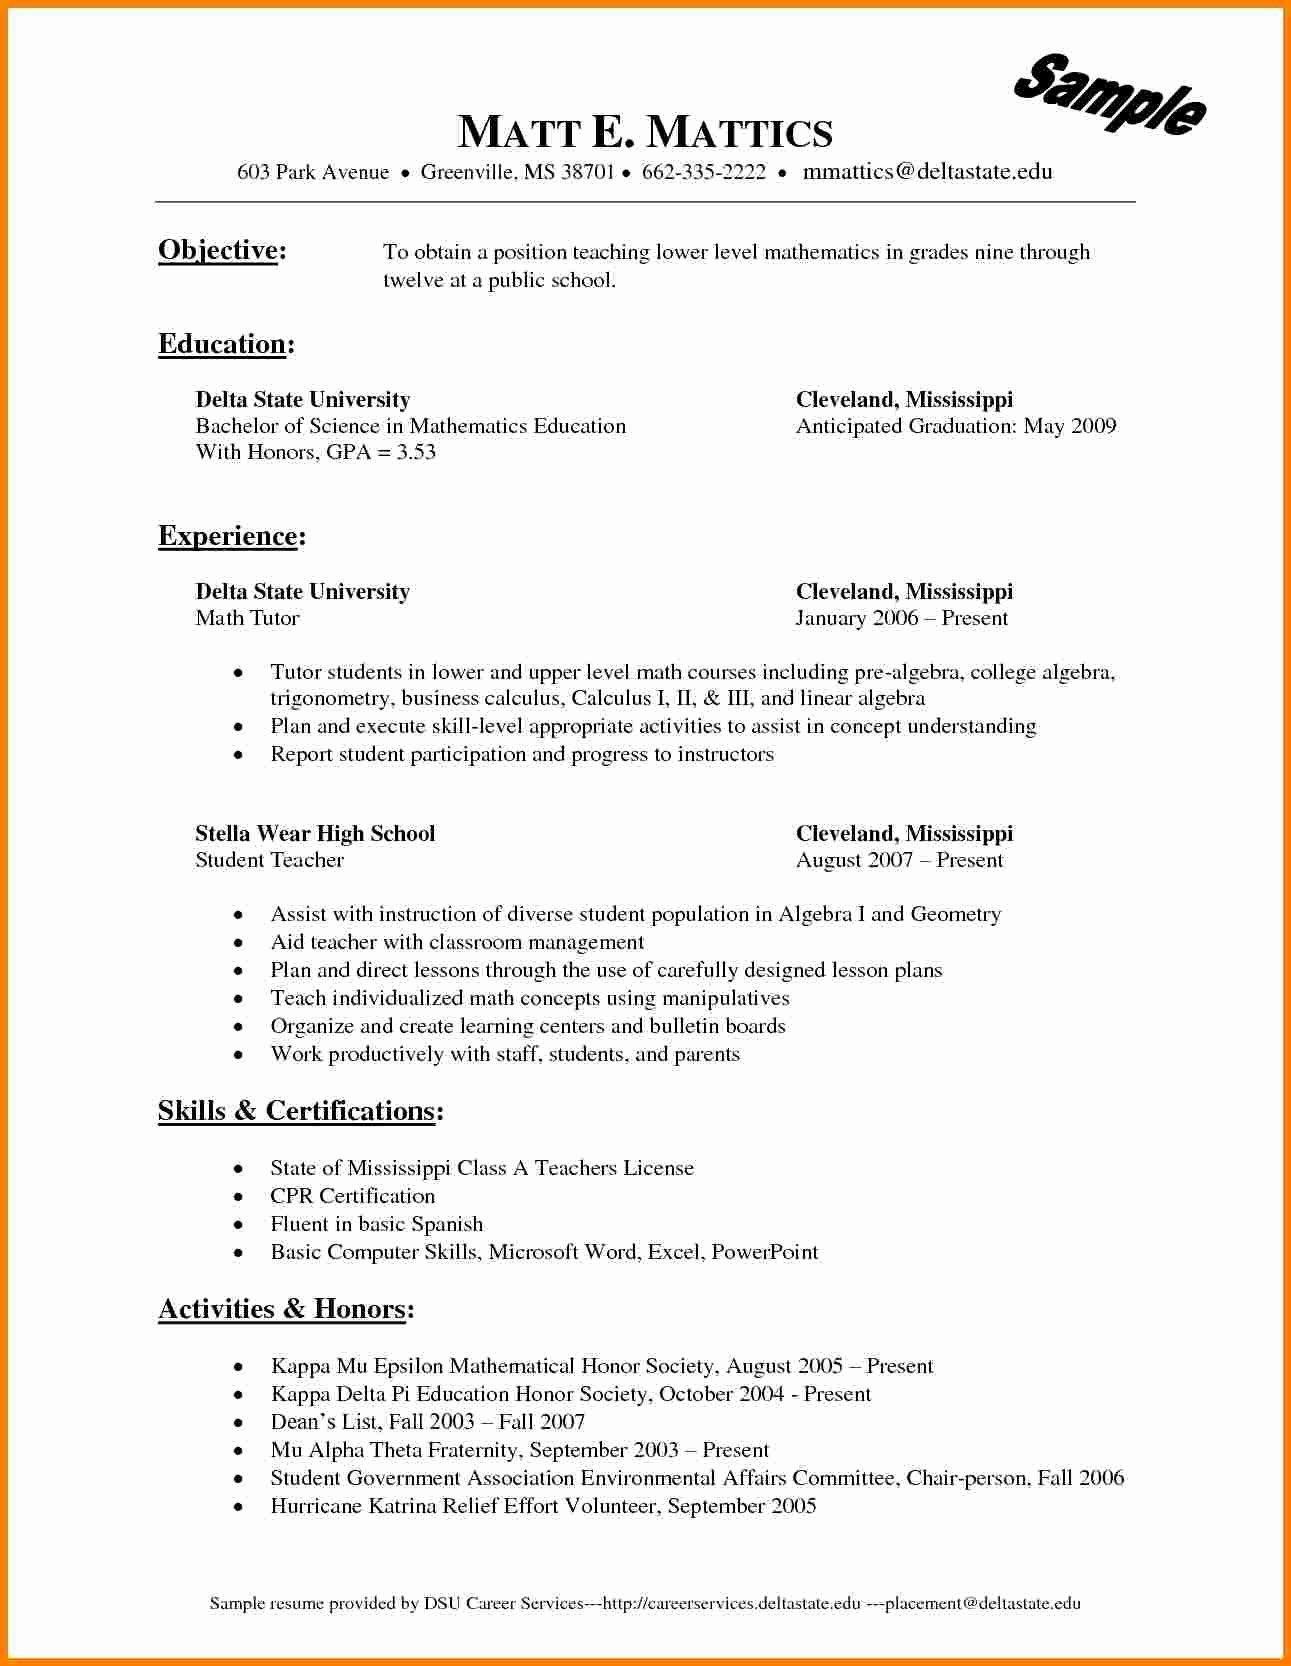 Sales Resume Template Word Elegant 6 Sales Resume Template Microsoft Word